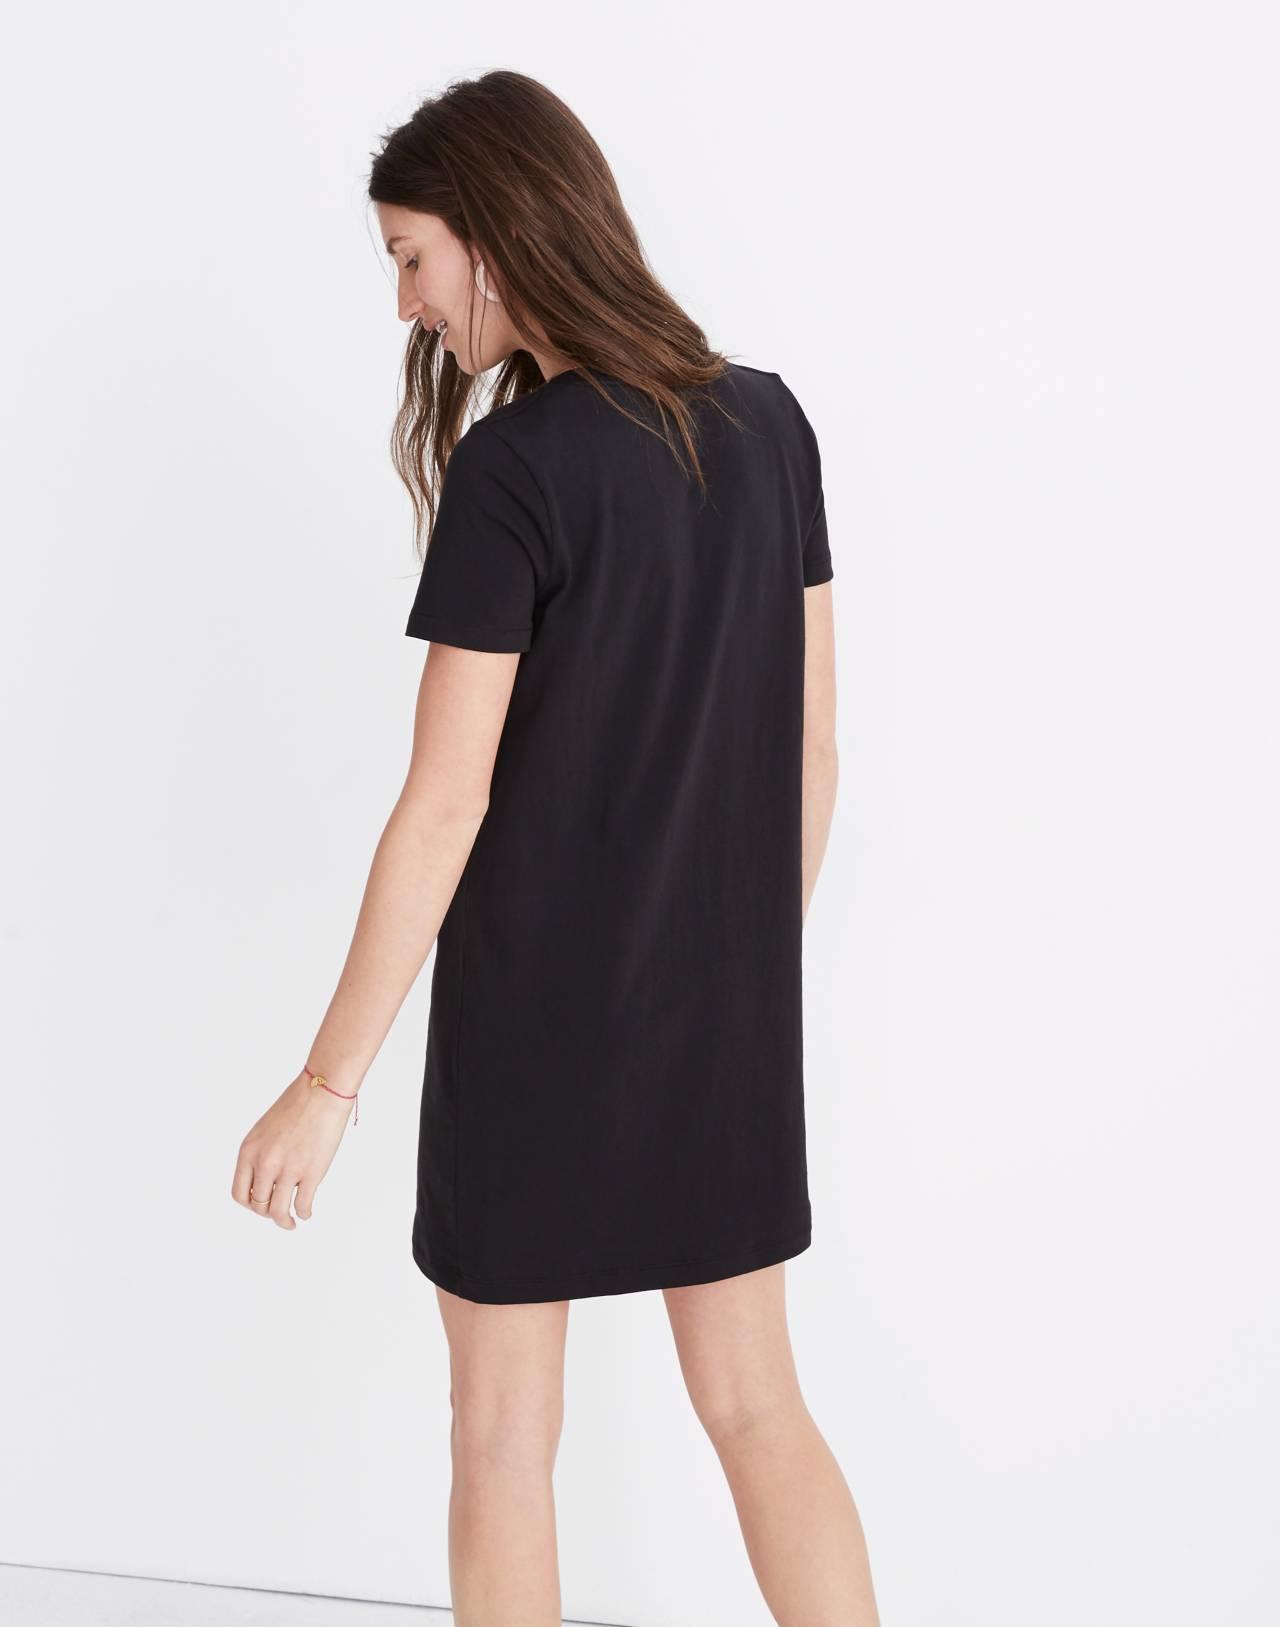 Tee Dress in true black image 2